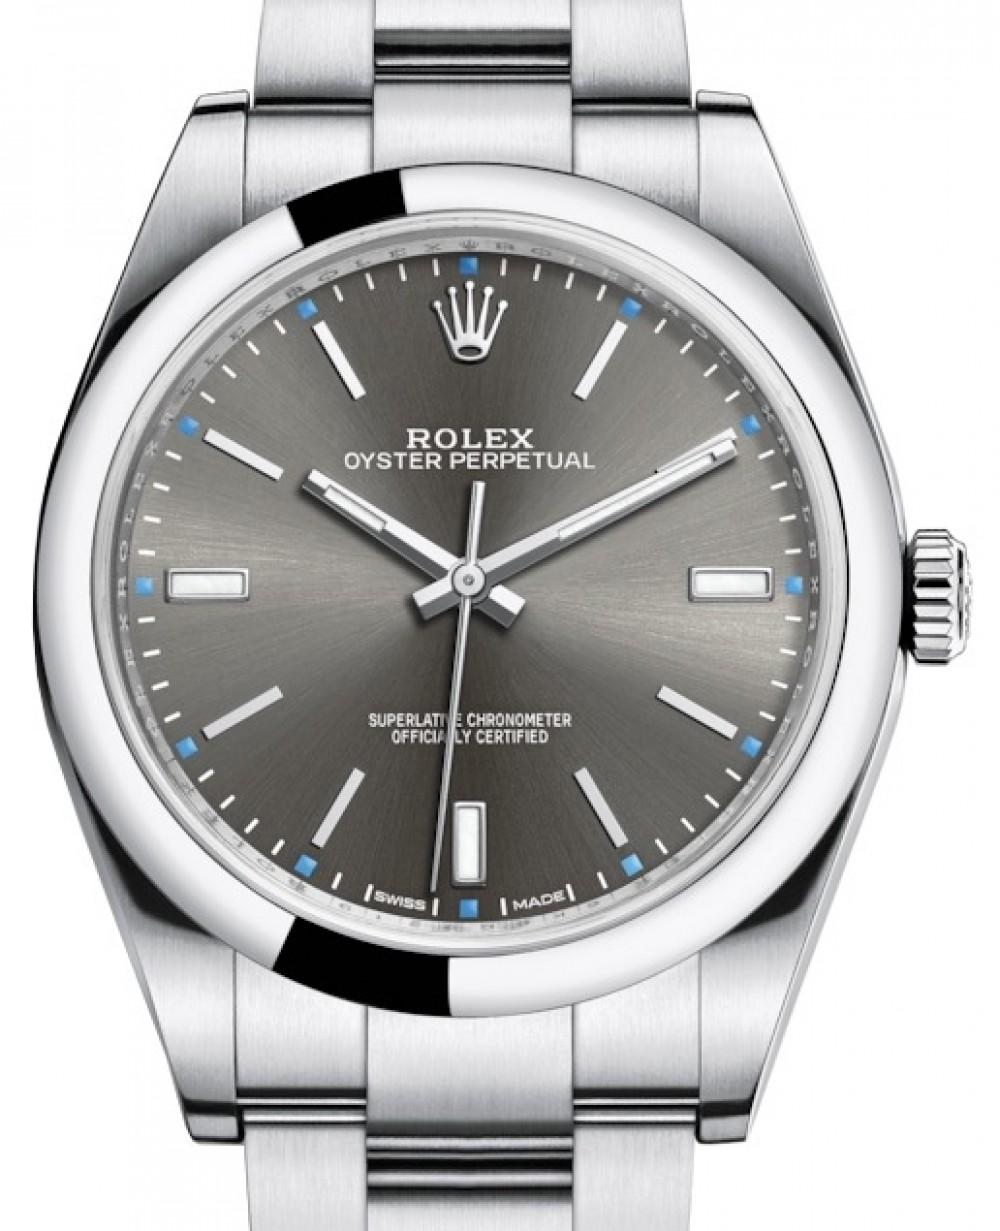 Rolex Oyster Perpetual 114300 Rhoso 39mm Dark Rhodium Index Domed